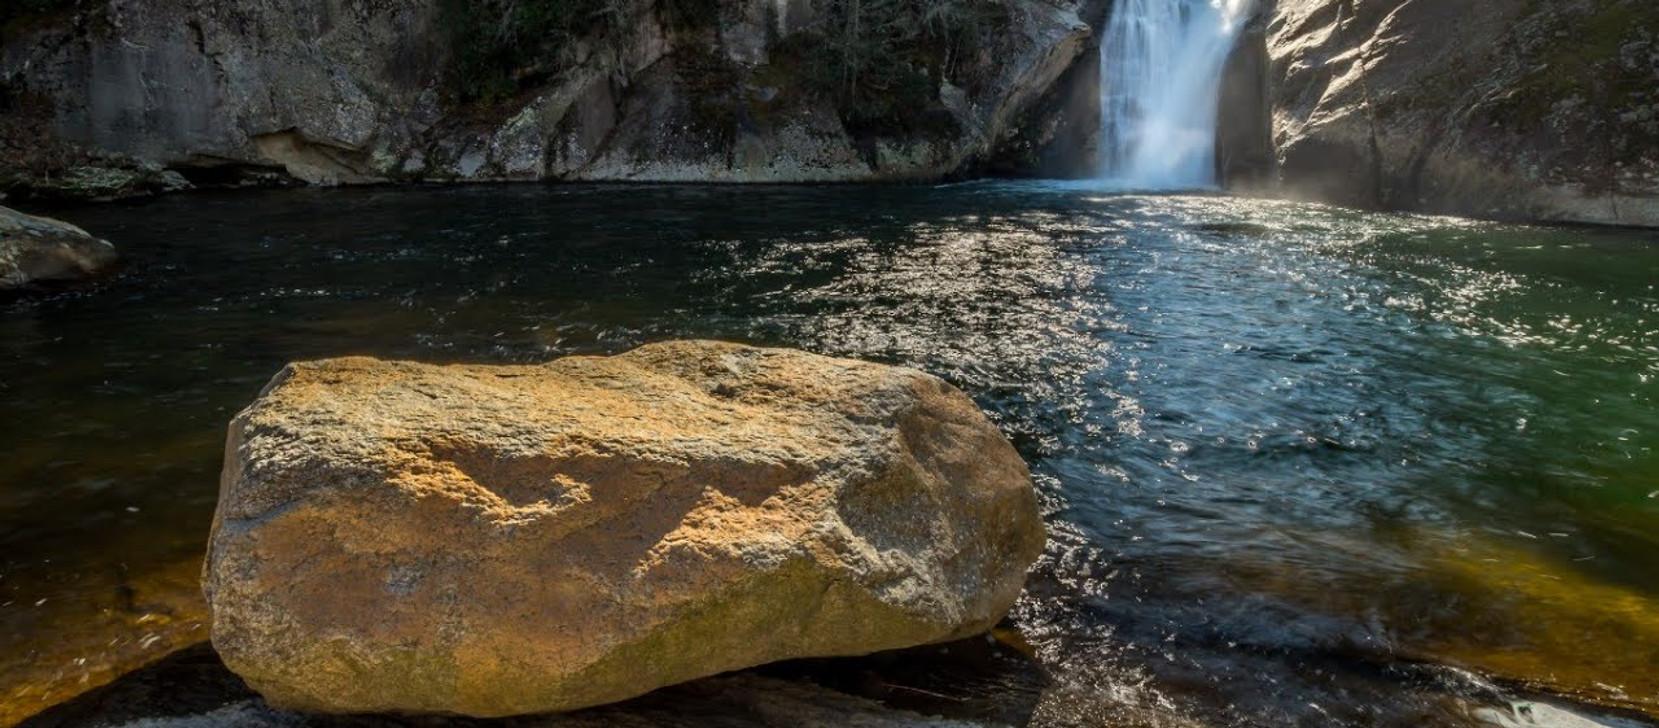 11-23-17 Waterfalls Park and Elk River Falls, NC